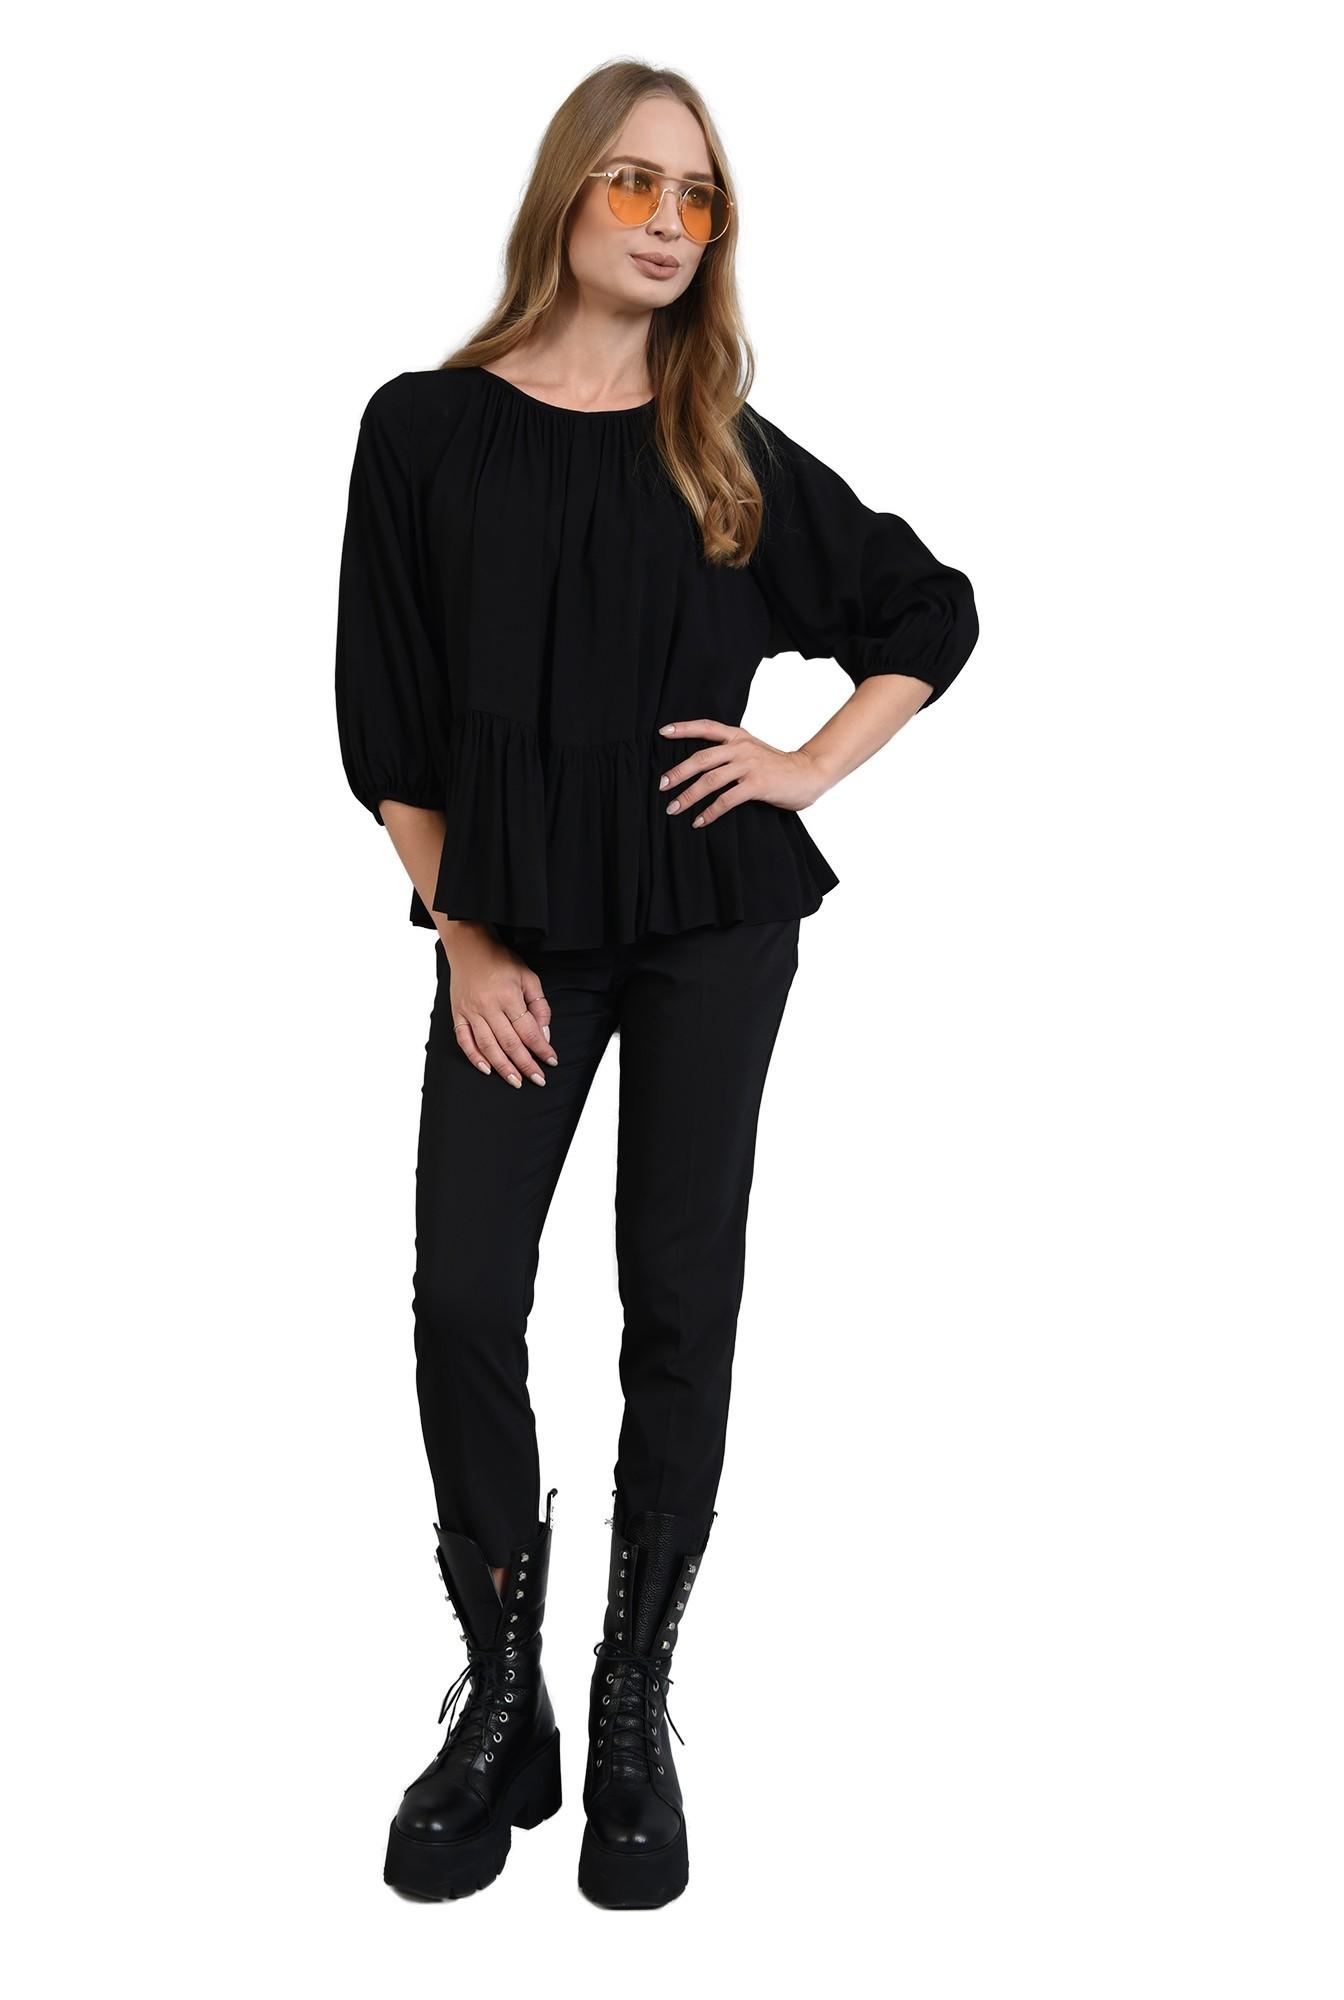 360 - bluza neagra cu peplum, maneca bufanta, Poema